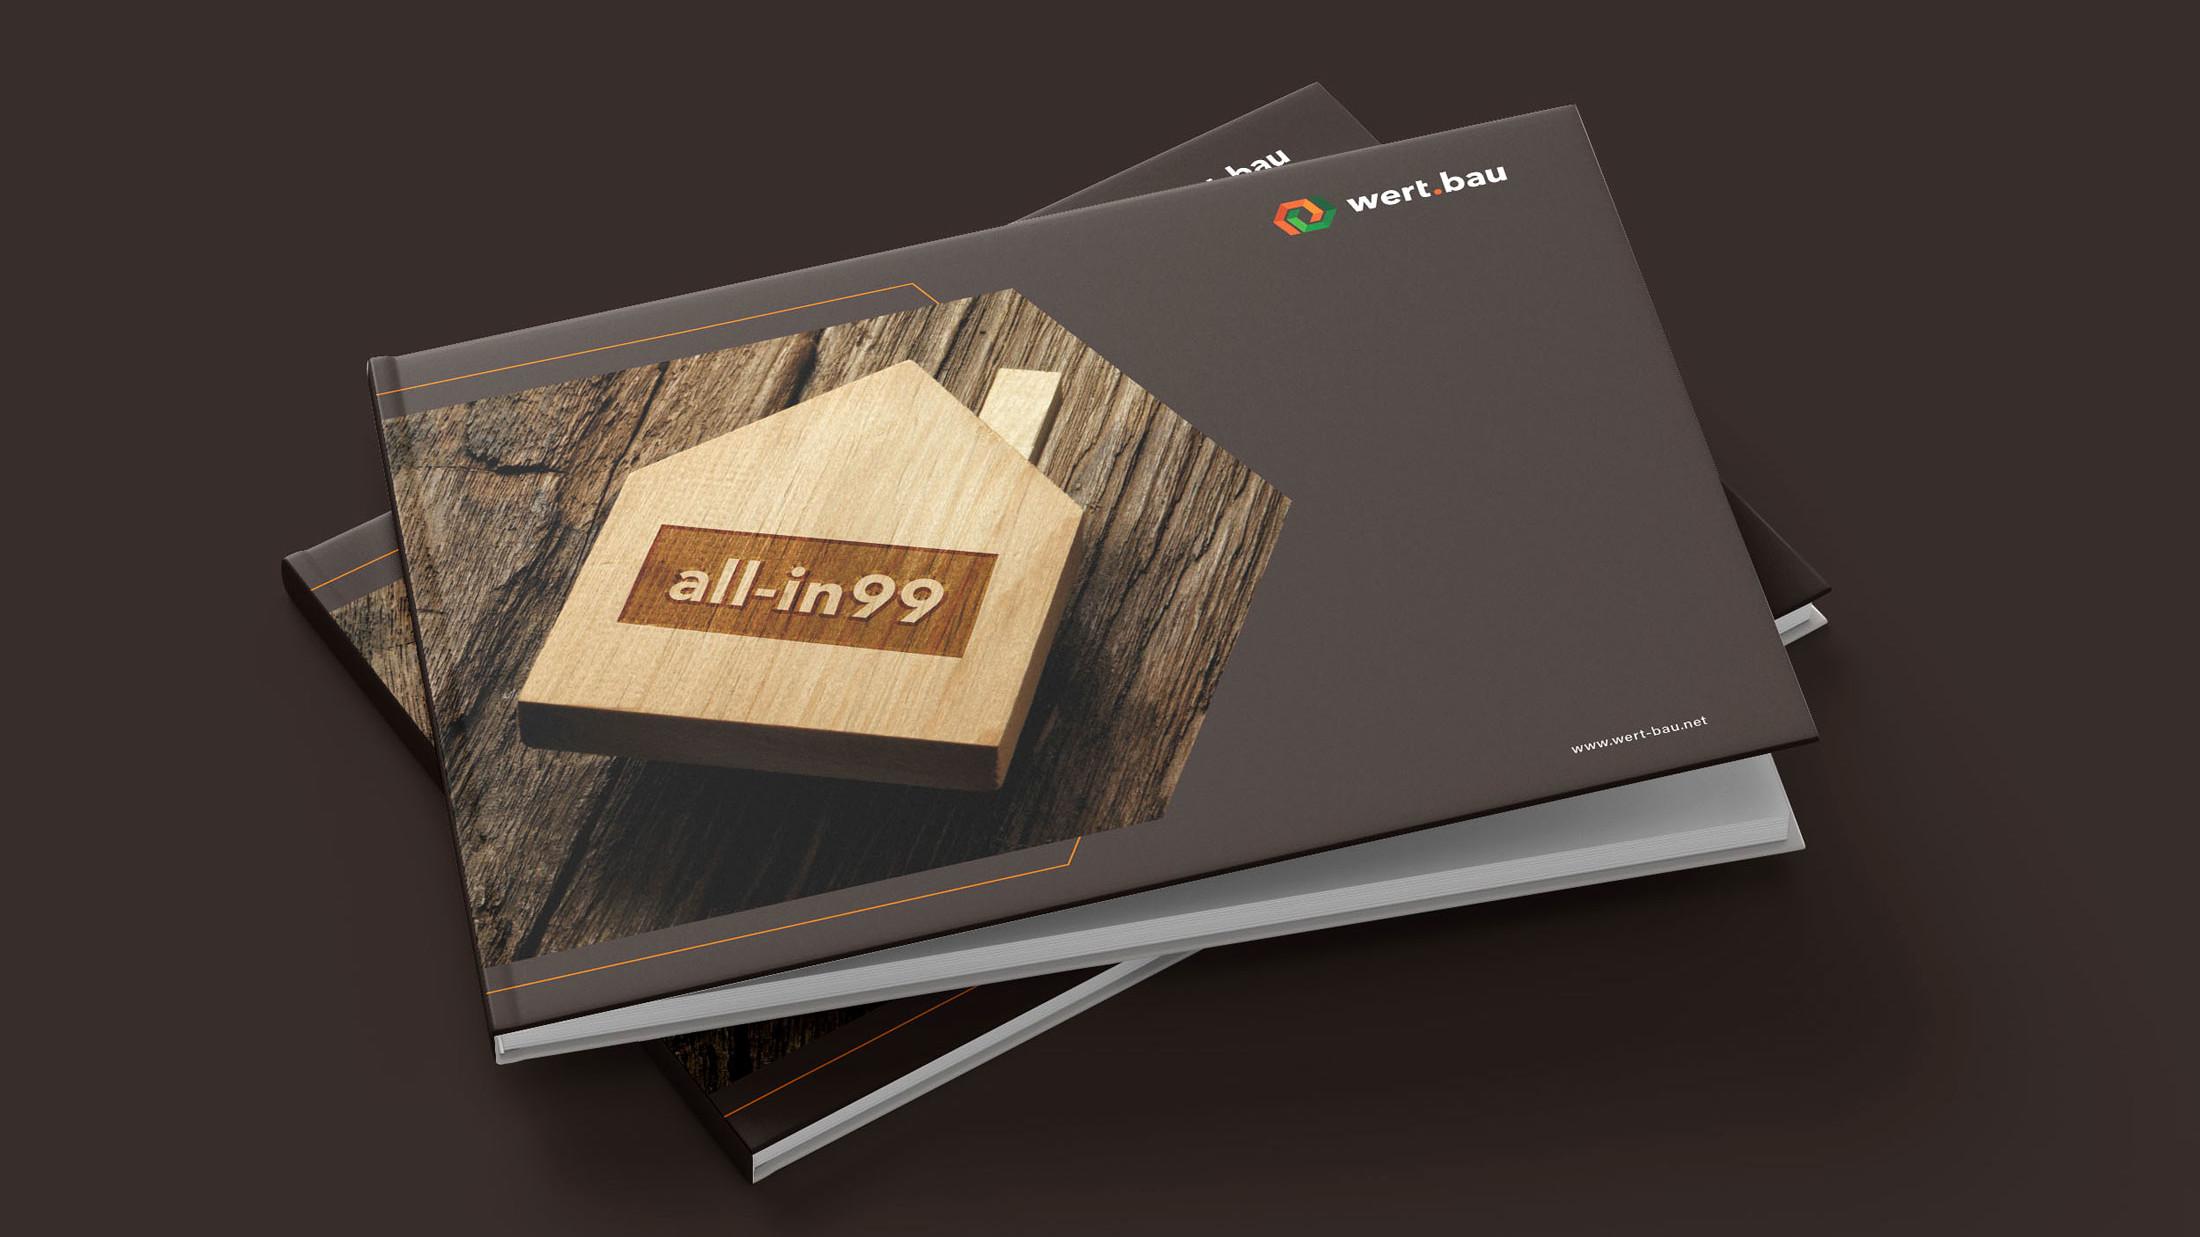 Zwei Ausgaben des all-in99 Buches mit einem Holzhaus am Cover un dem wert.bau Logo rechts oben im Eck